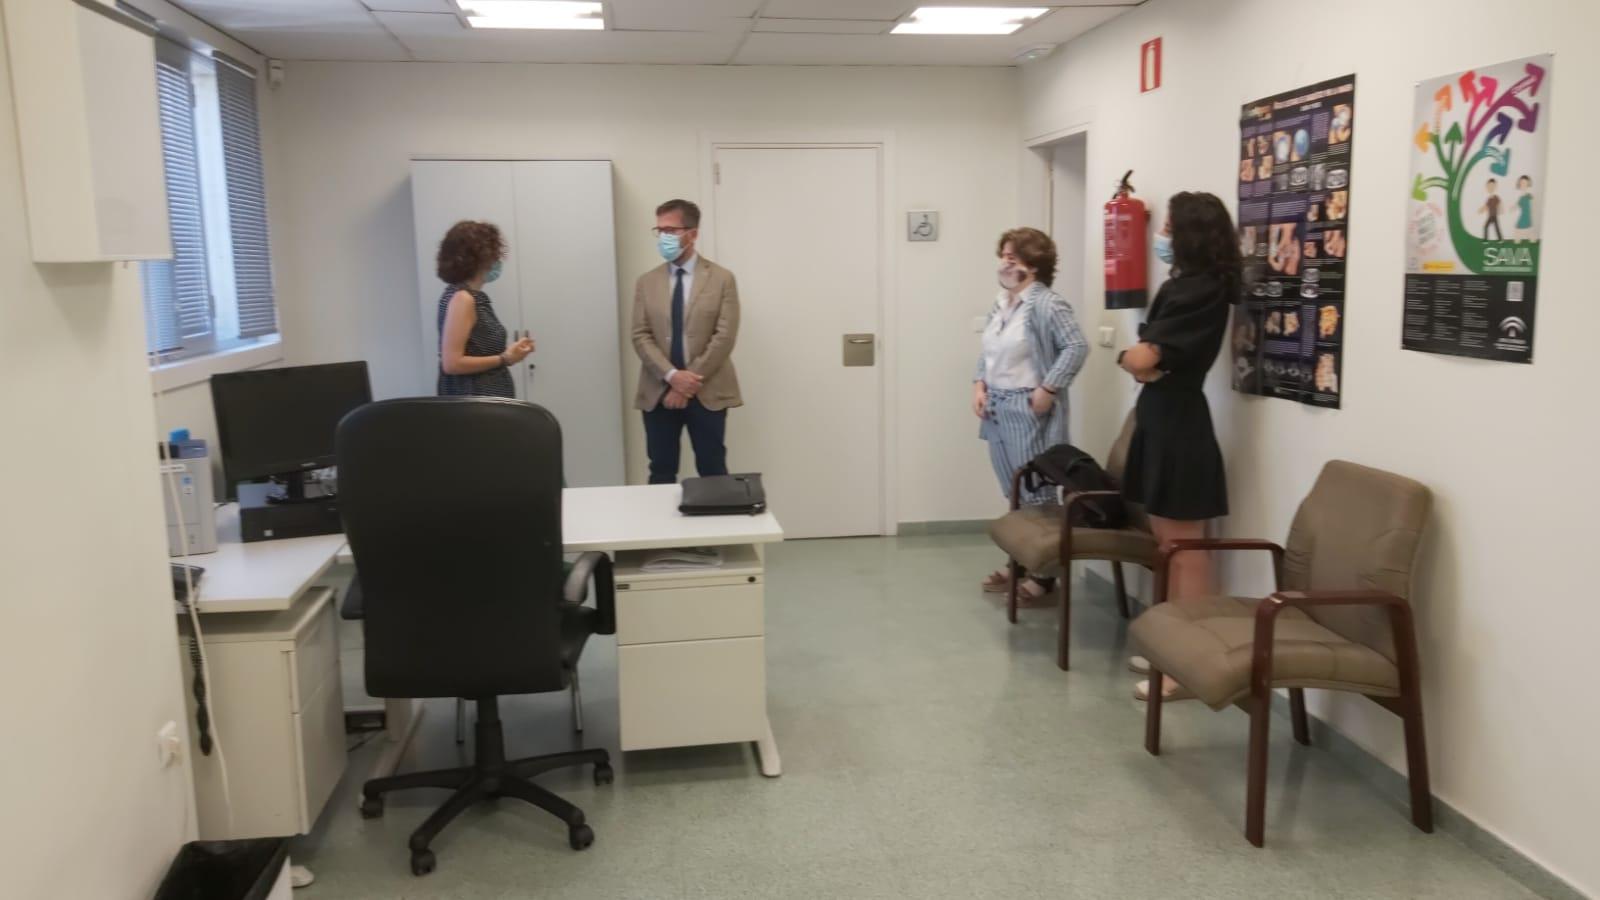 Justicia pone en marcha un SAVA itinerante para la provincia con sede en Santa Fe, Almuñécar y Loja